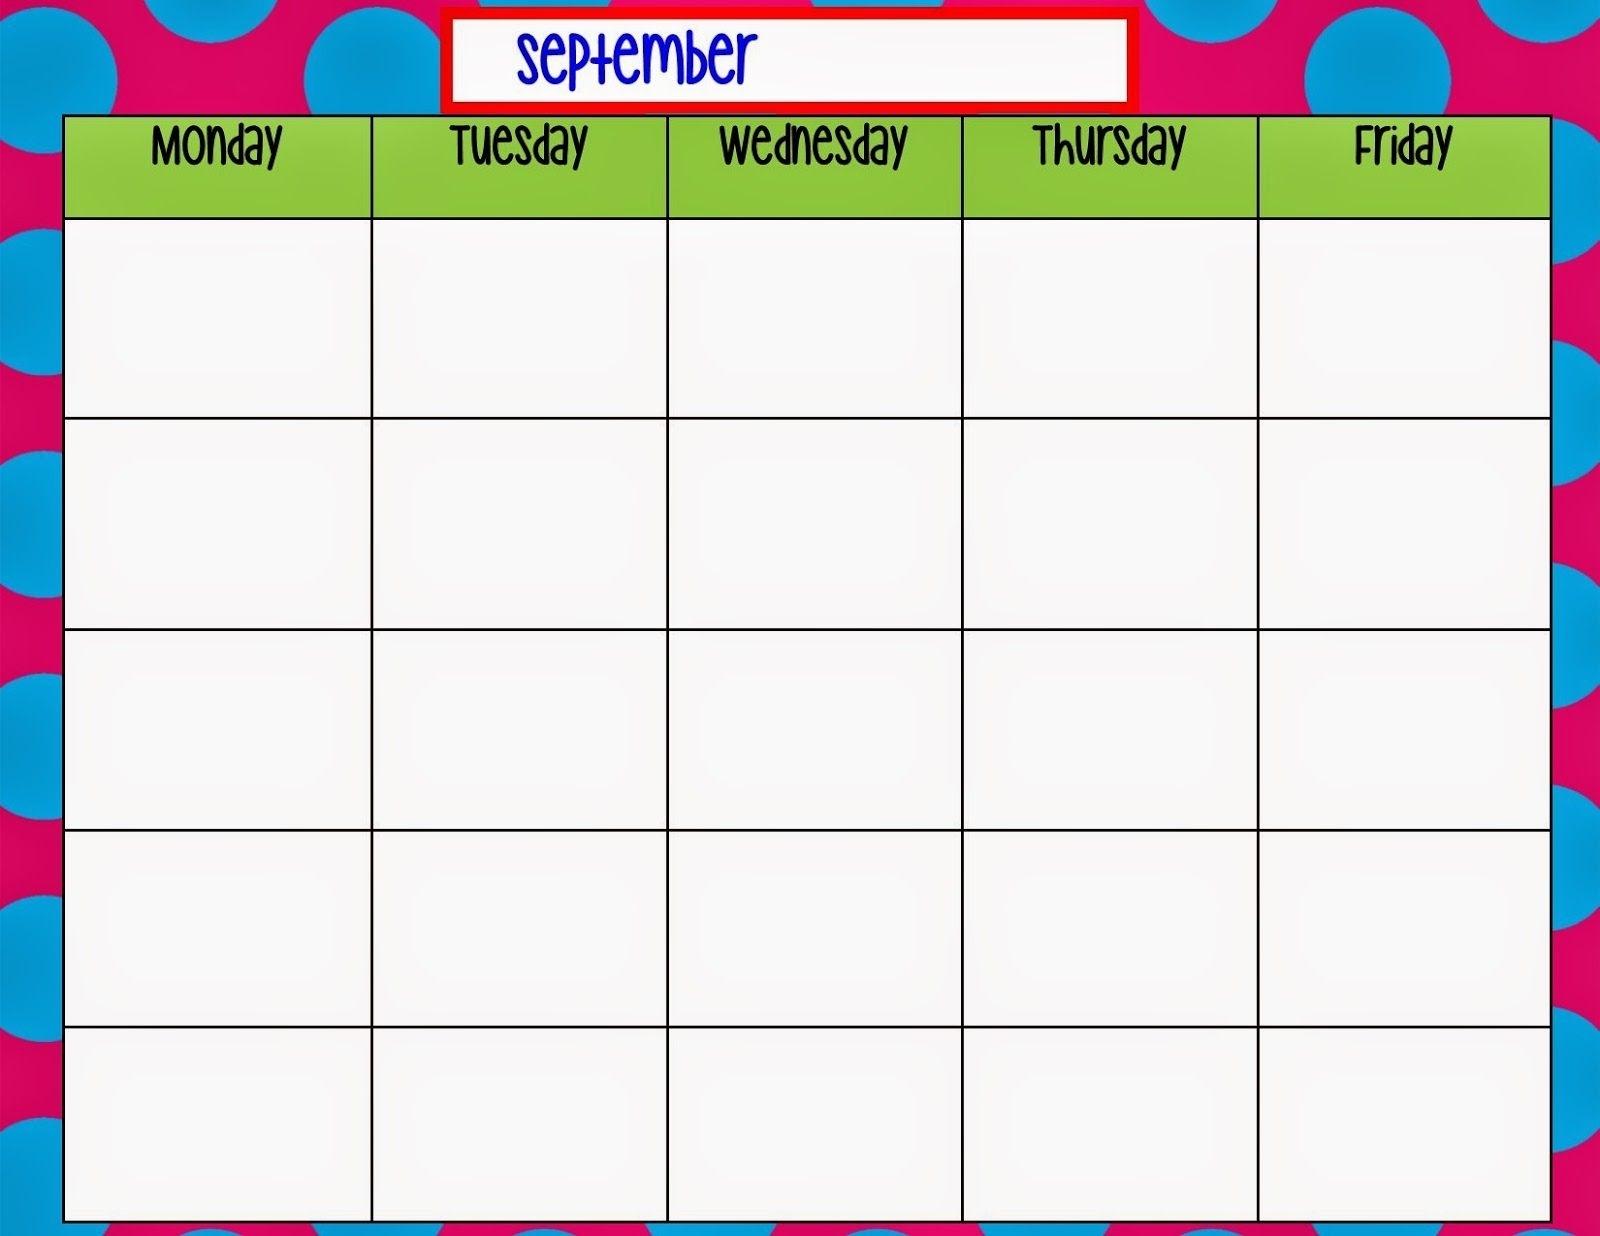 Monday Through Friday Weekly Calendar  Calendar in Printable Monday Through Friday Calendar